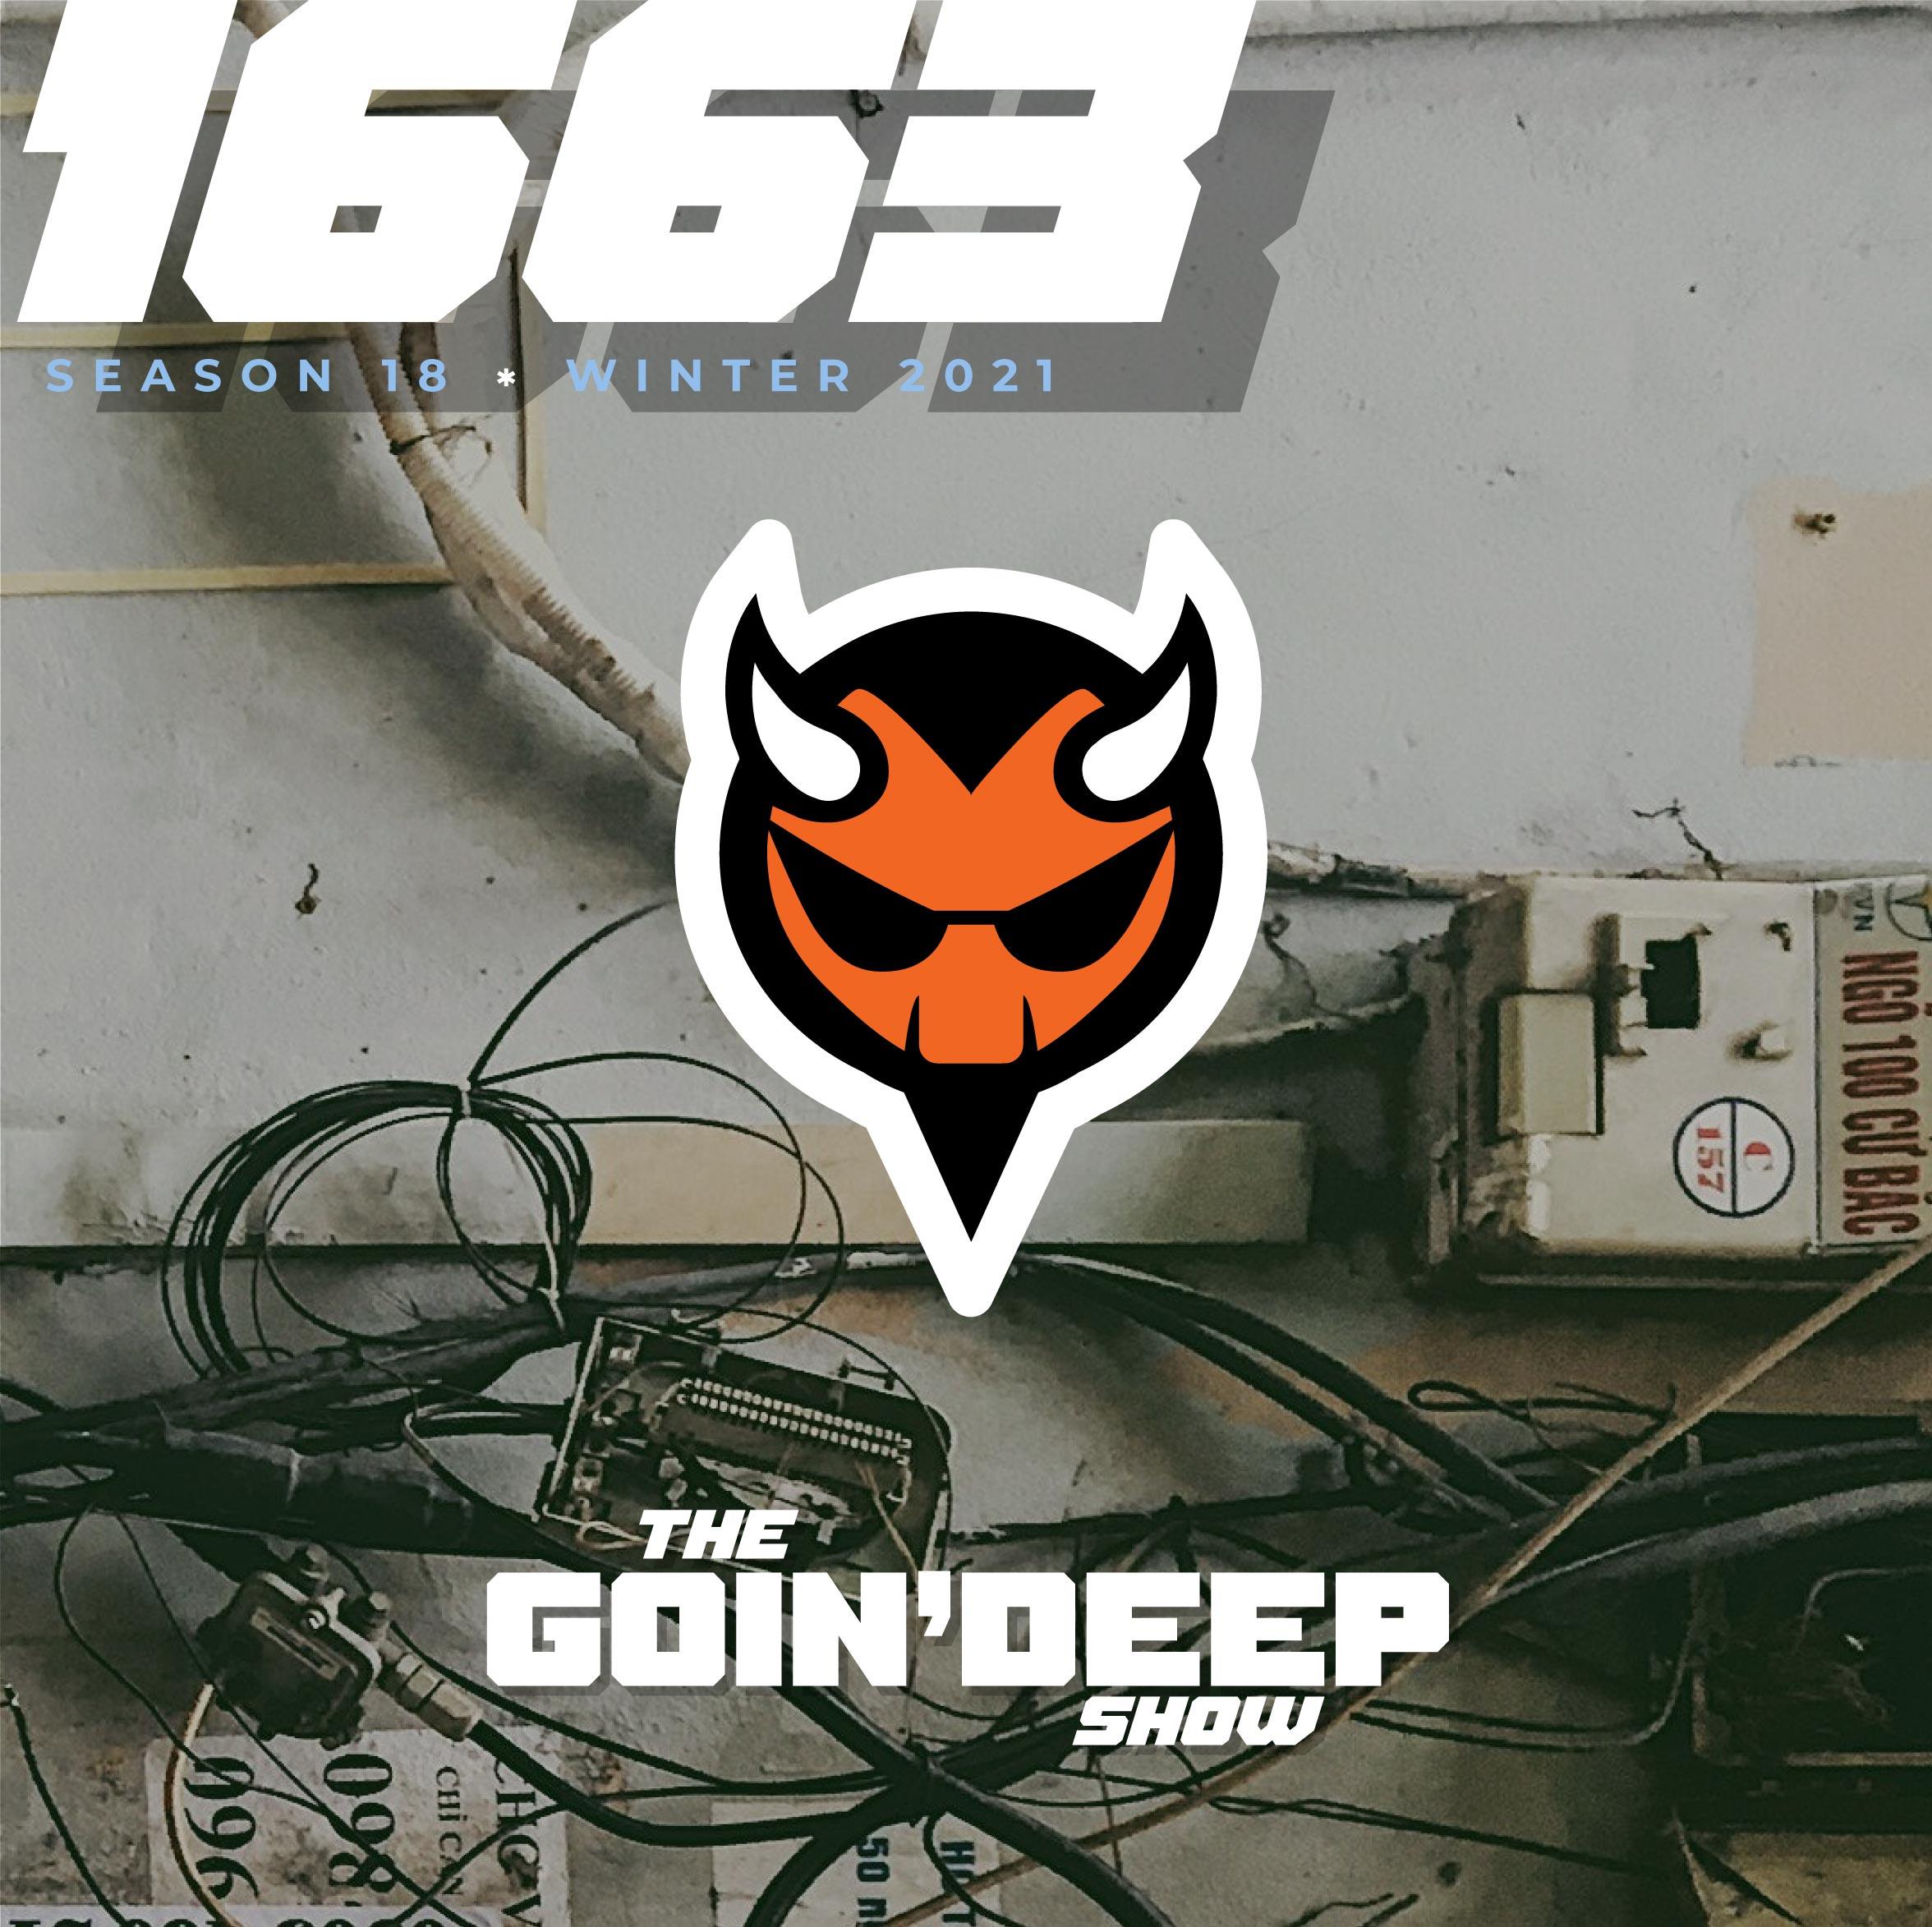 Goin' Deep Show Episode 1663